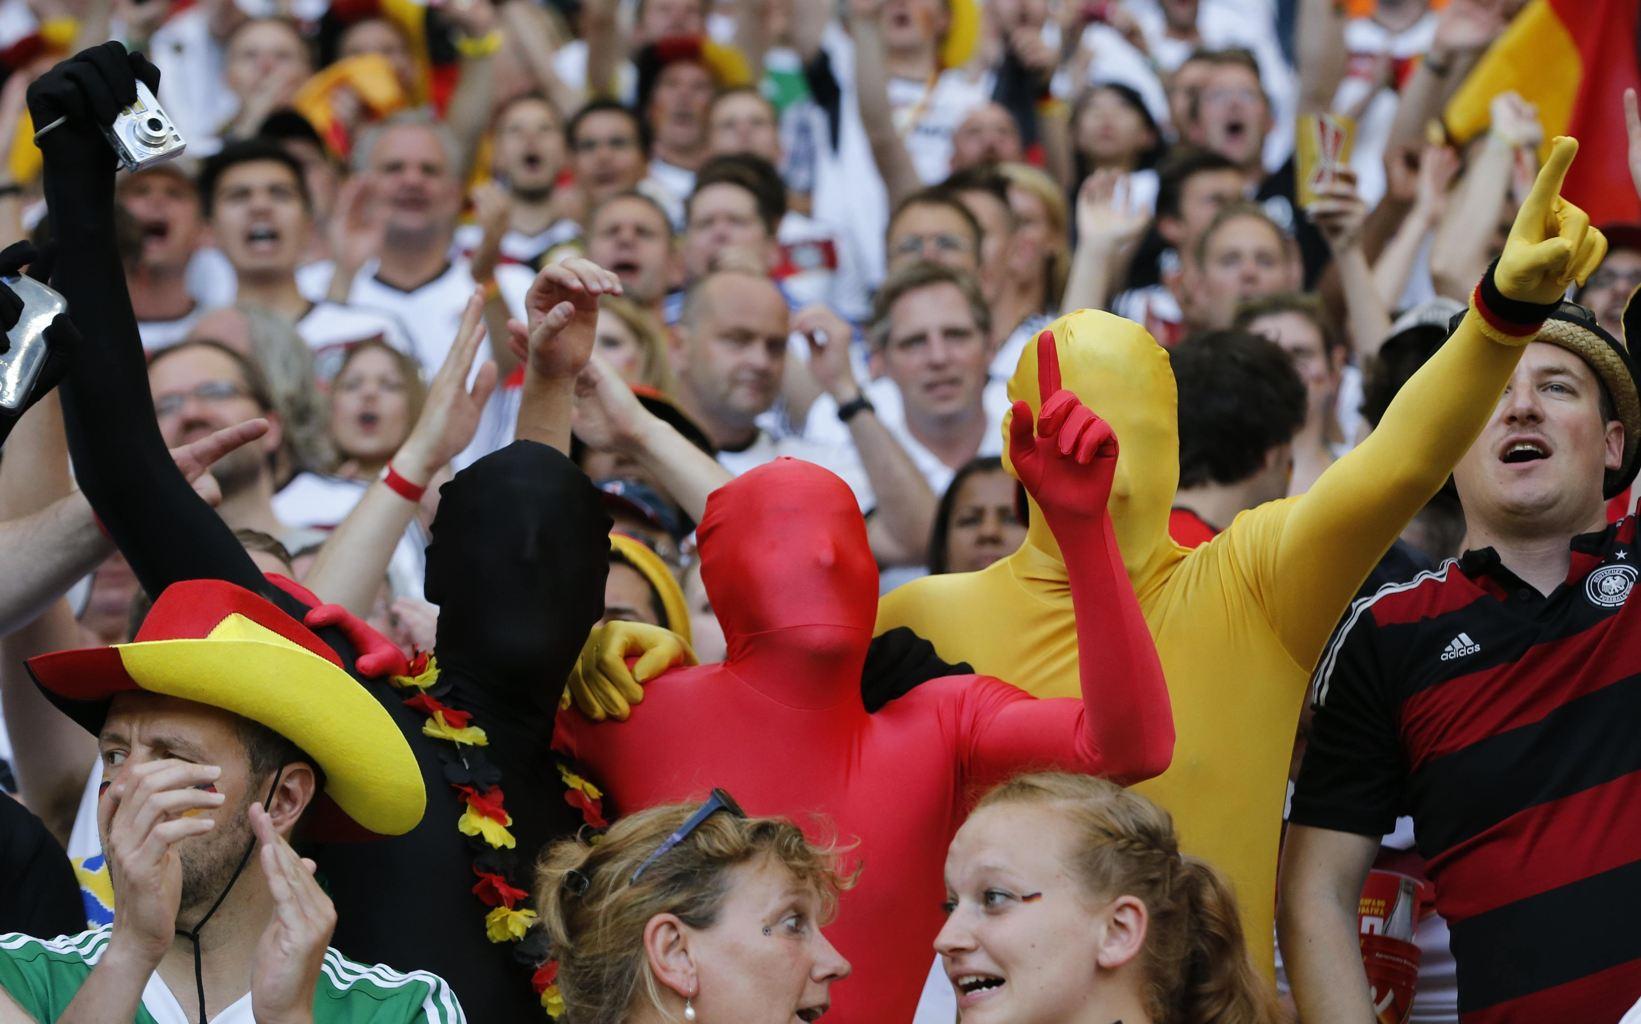 عکس های فانتزی طرفدارن جام جهانی 2014<عکس تماشاگران جام جهانی 2014